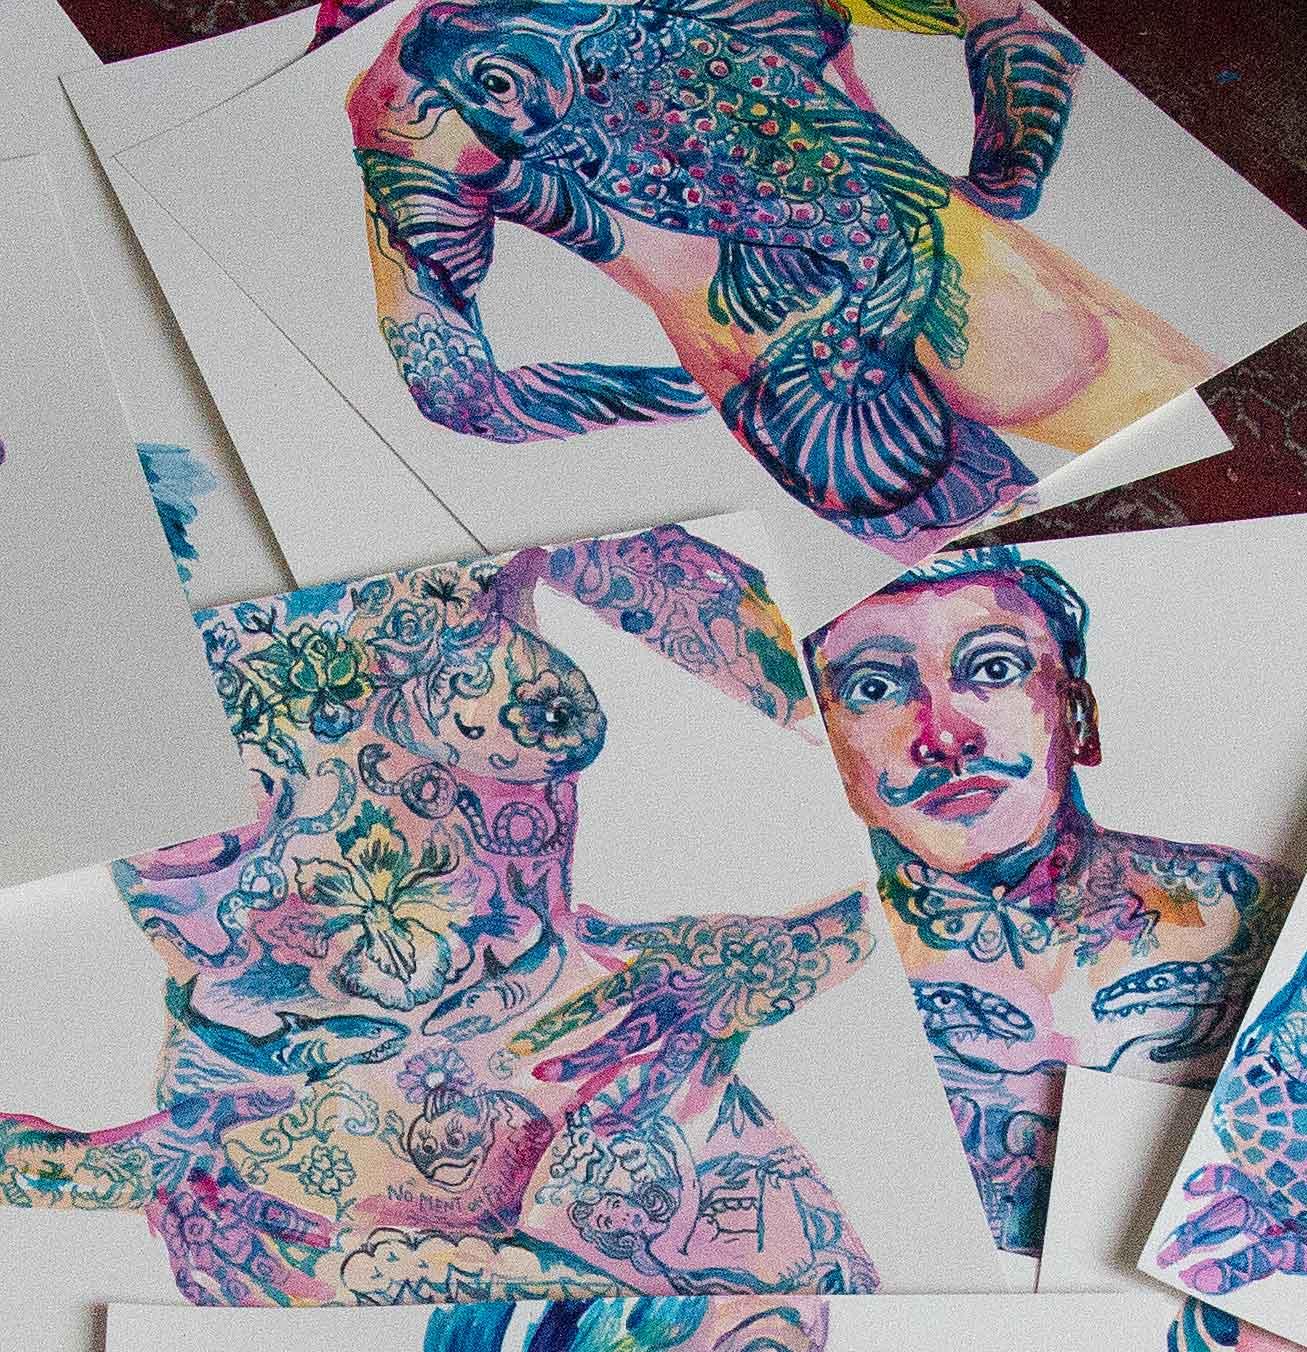 dessins-tatoos4